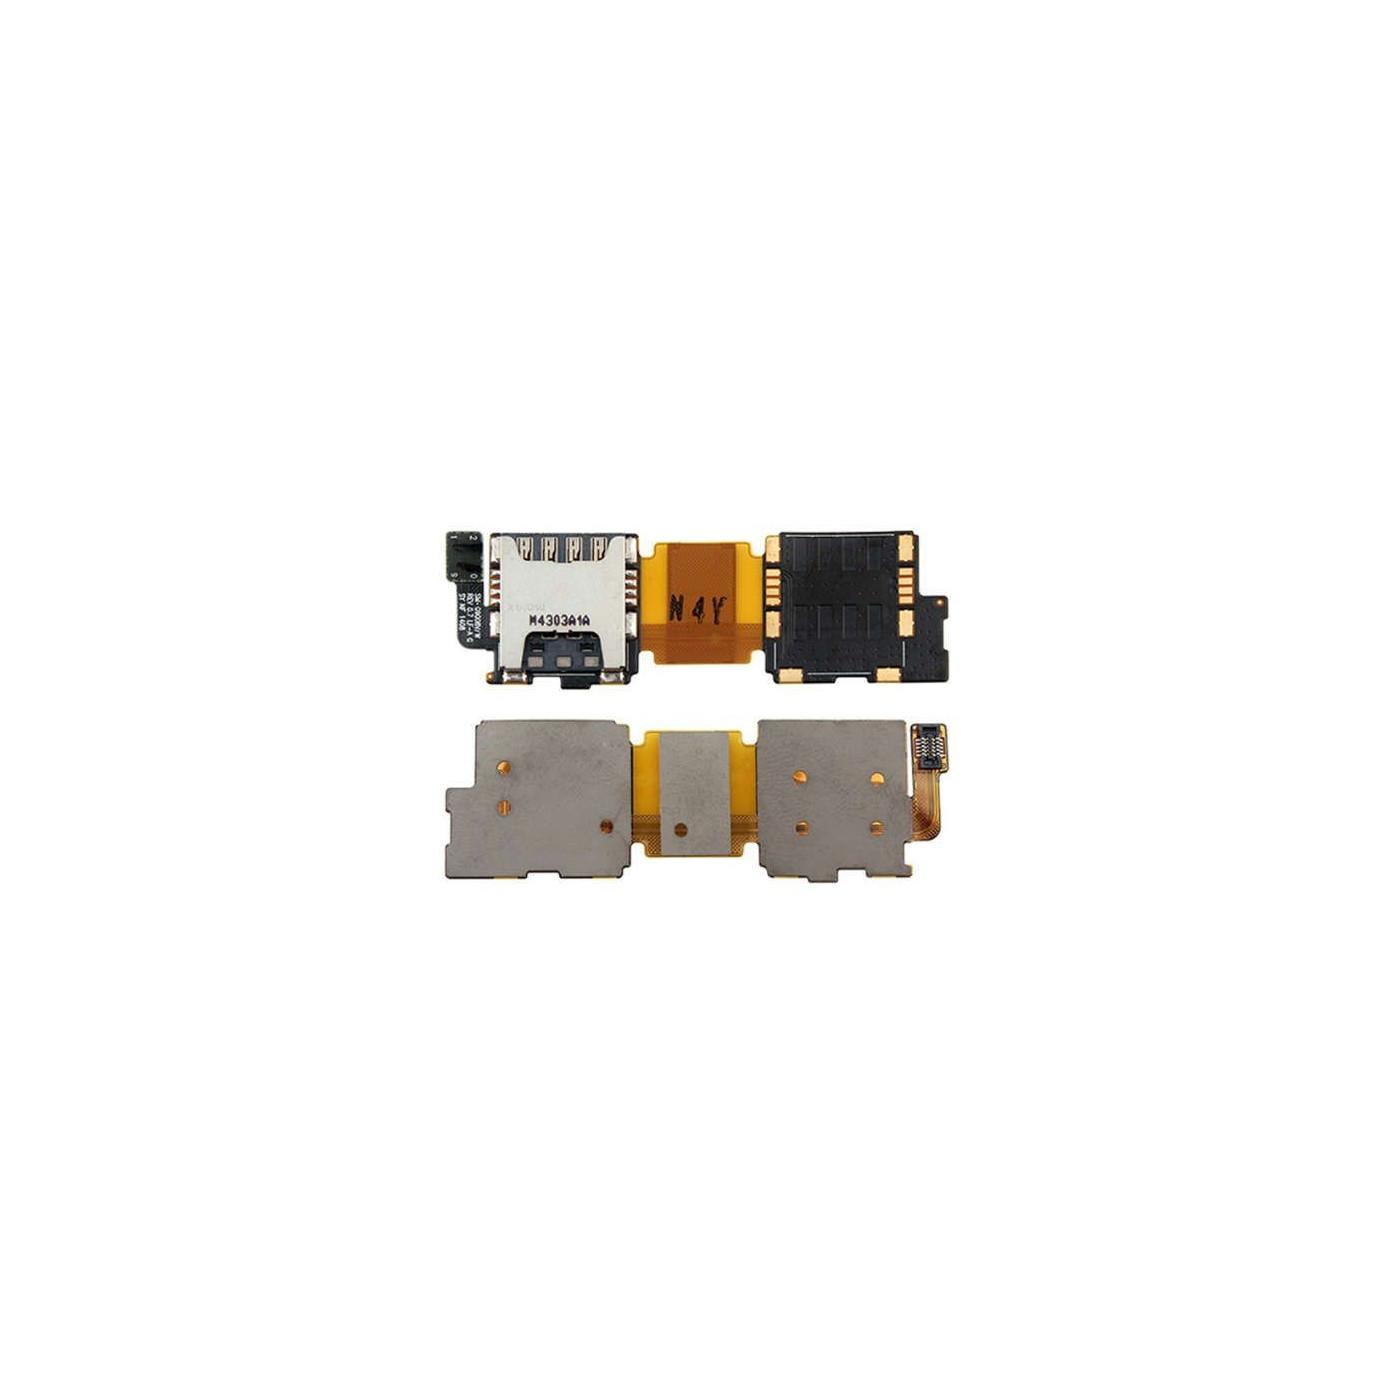 Flat flex lettore Sim card per samsung galaxy s5 singolo alloggio G900